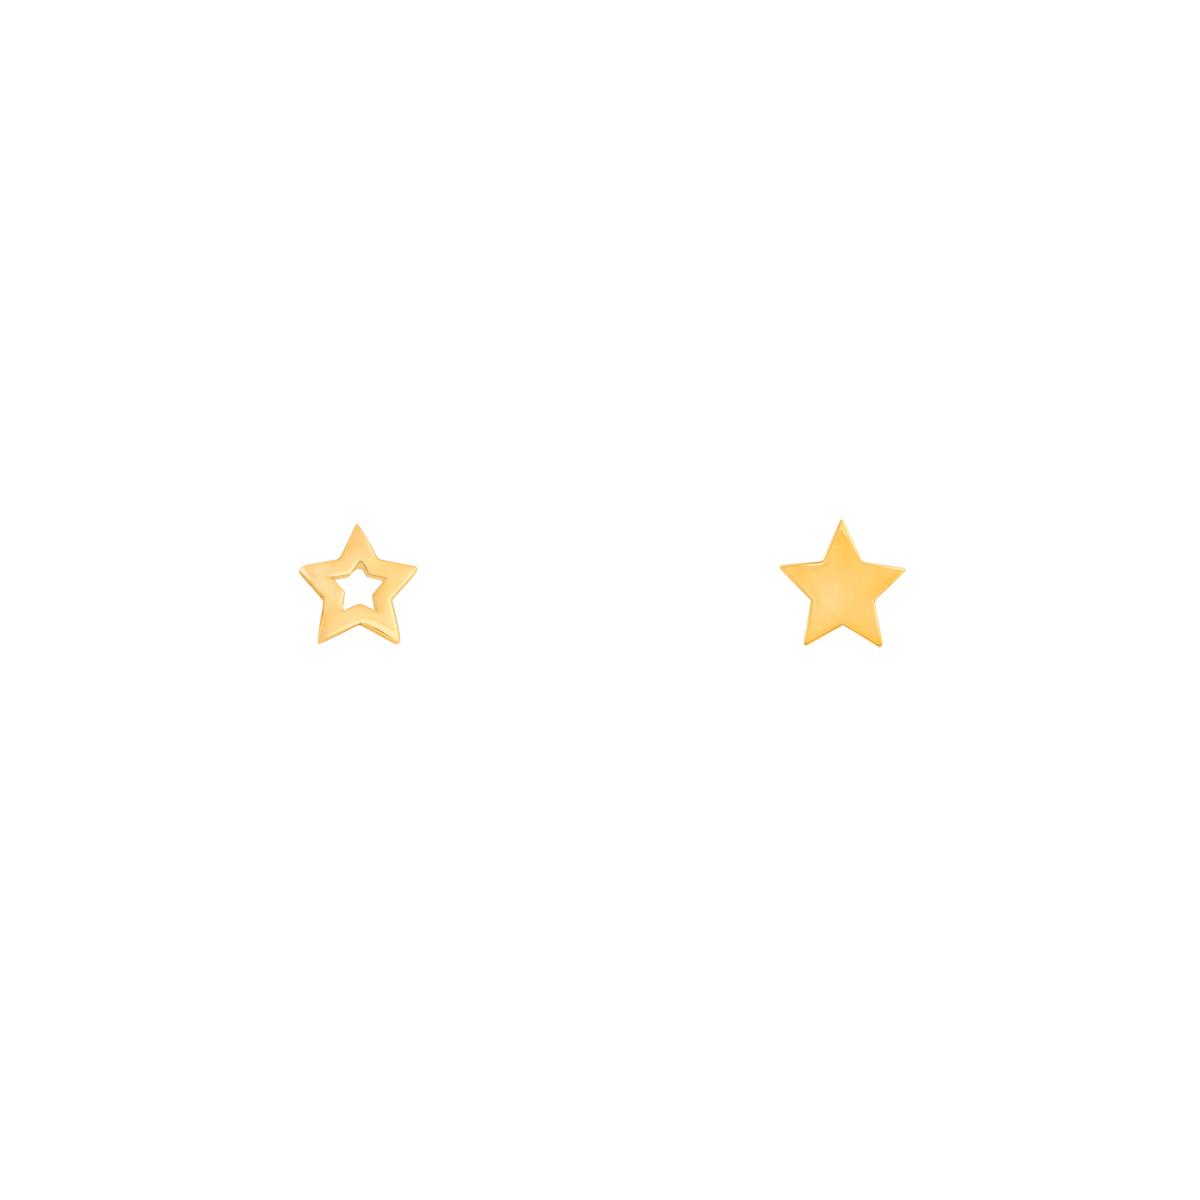 گوشواره طلا ستاره CONTRAST